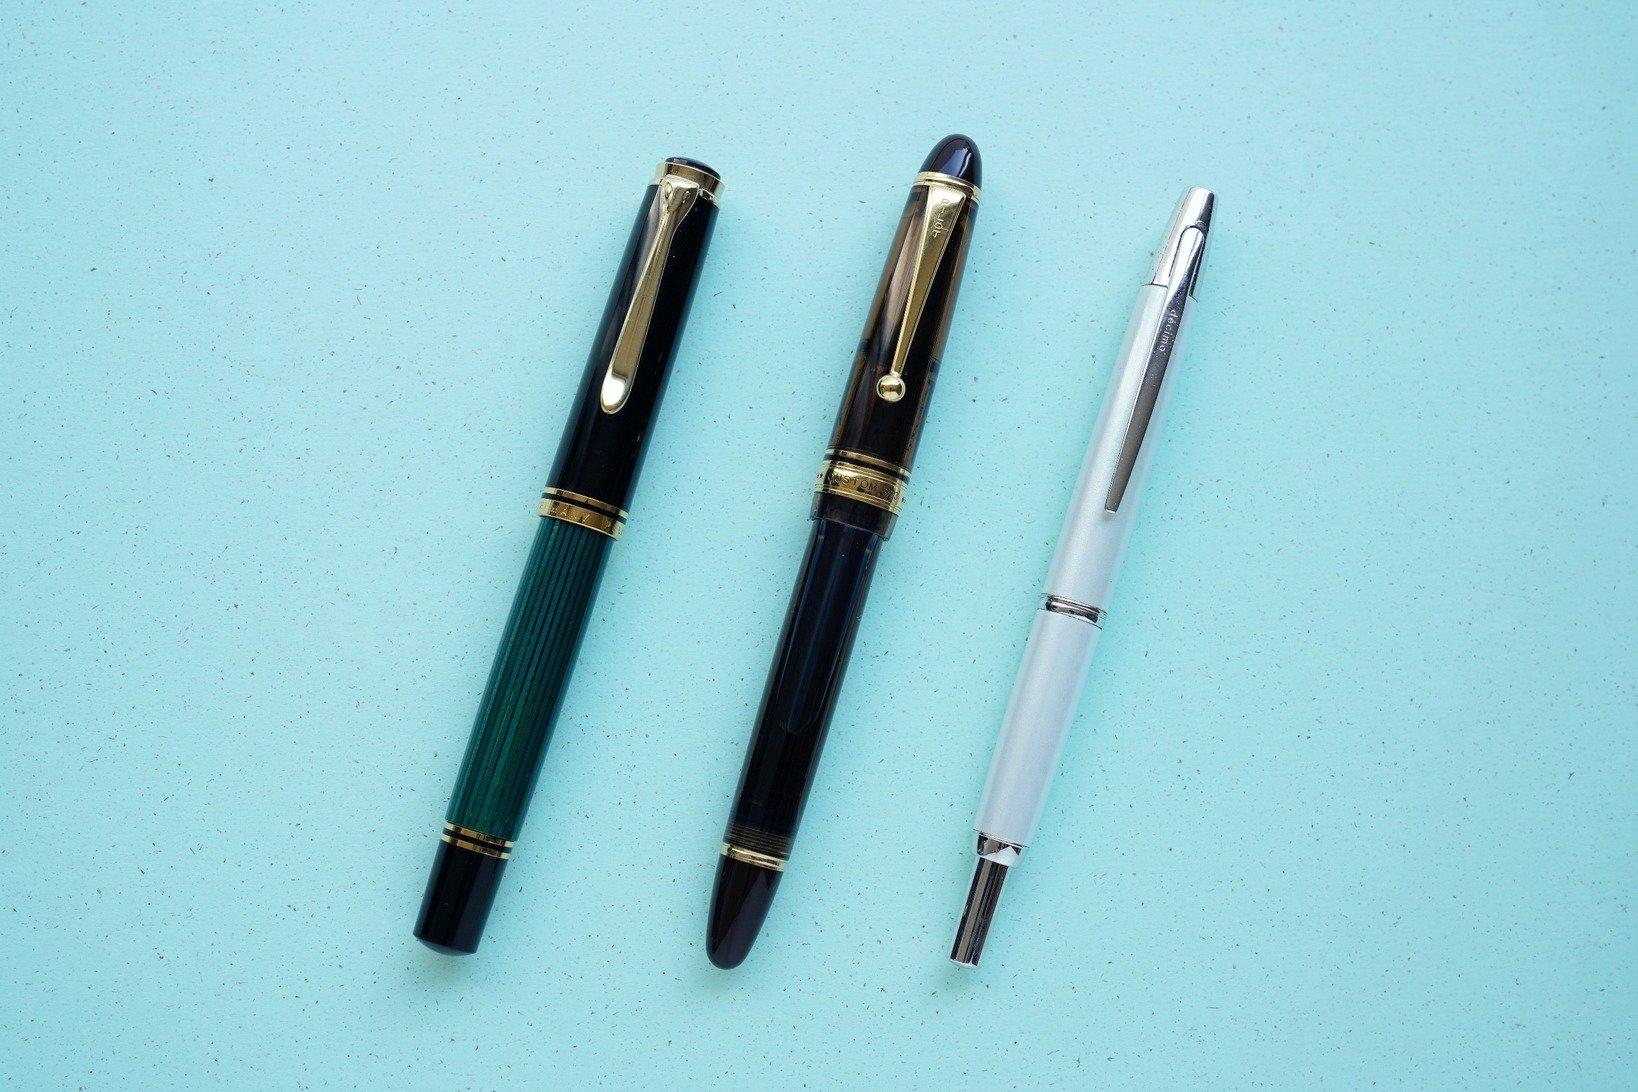 土橋さん愛用の3本は左から、ペリカン「800」とパイロット「カスタム823」と、パイロット「キャップレス」